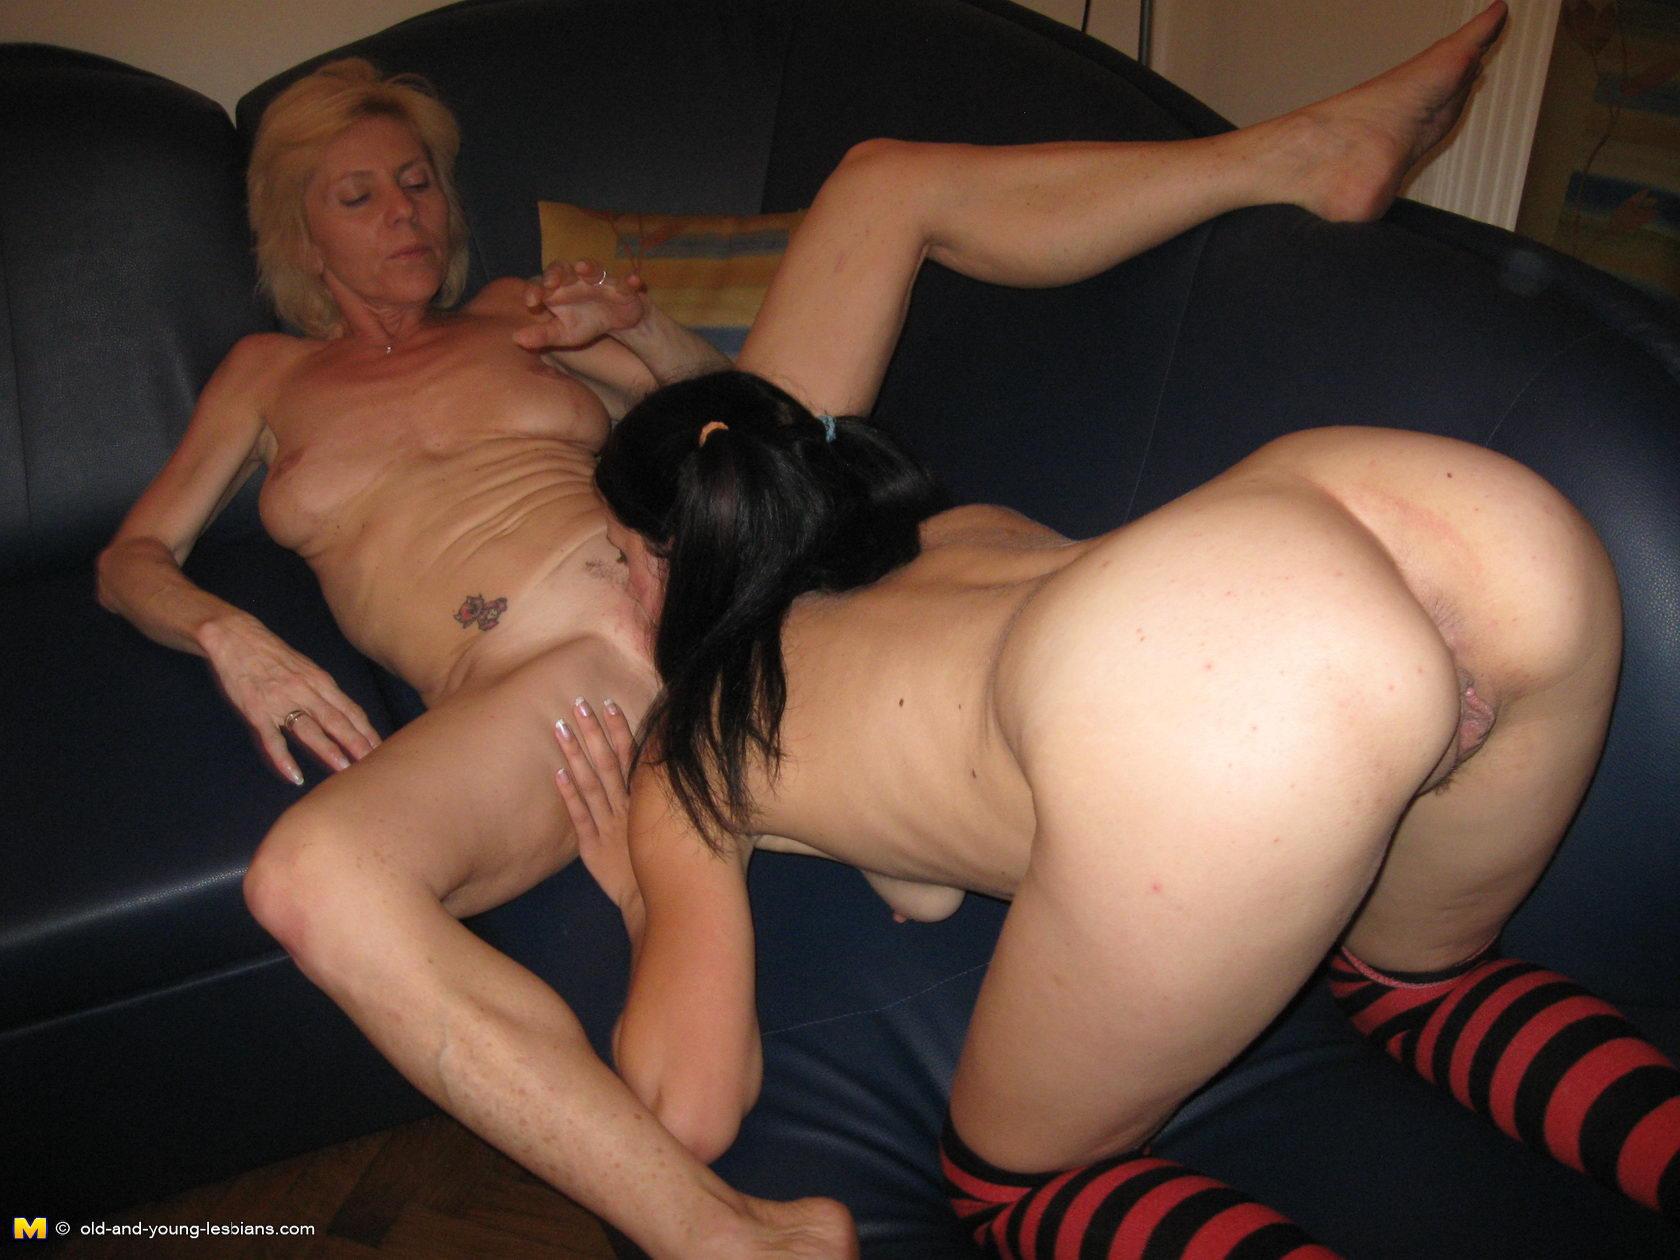 Две старые и одна молодая лесбиянки смотреть бесплатно фото 419-523